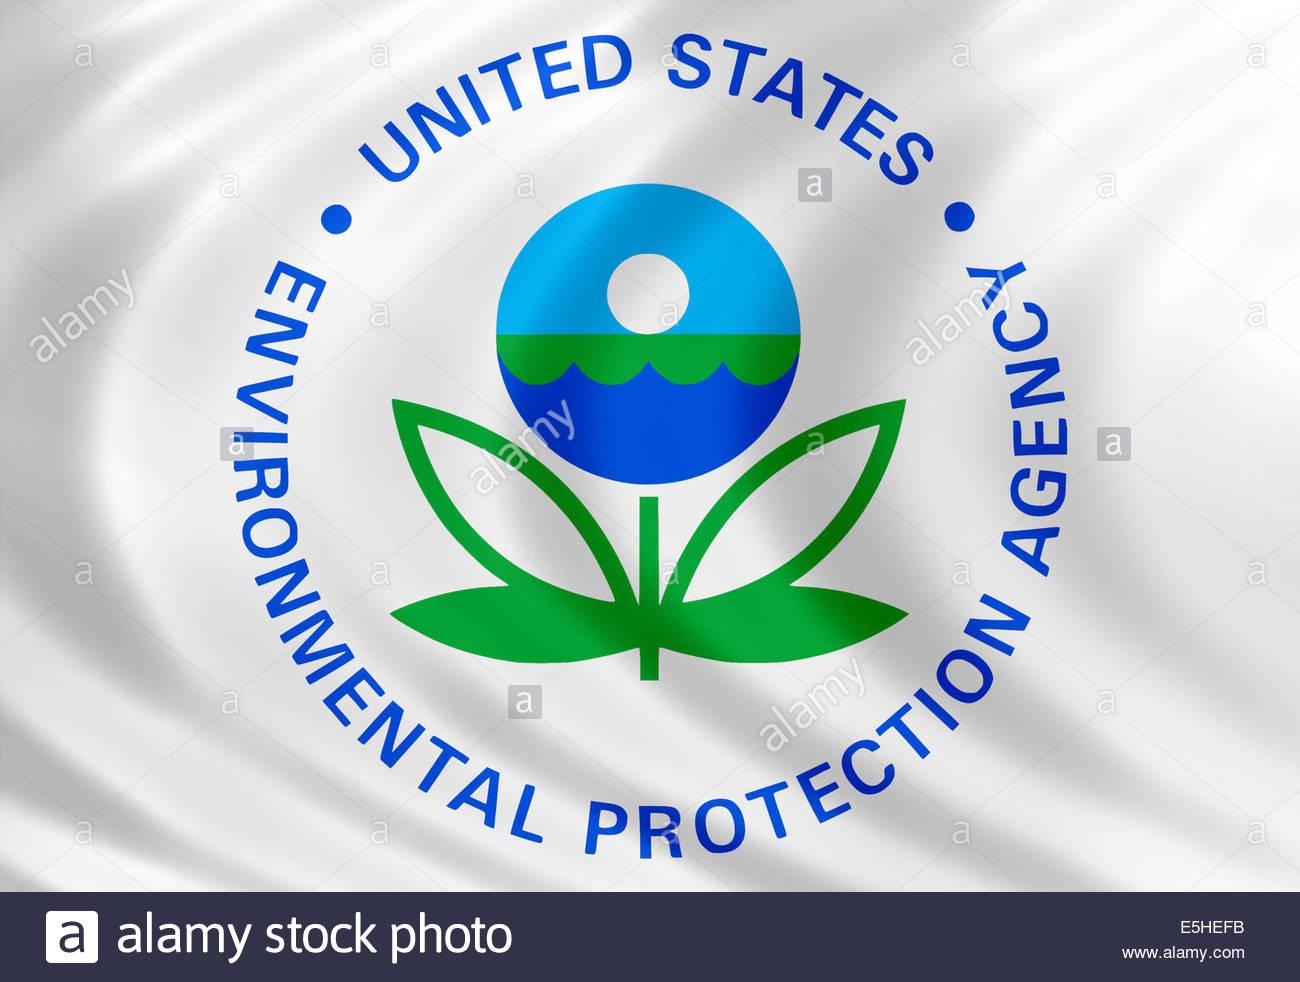 Agencia de Protección Ambiental de los Estados Unidos icono con el logotipo de la bandera de seda. Imagen De Stock